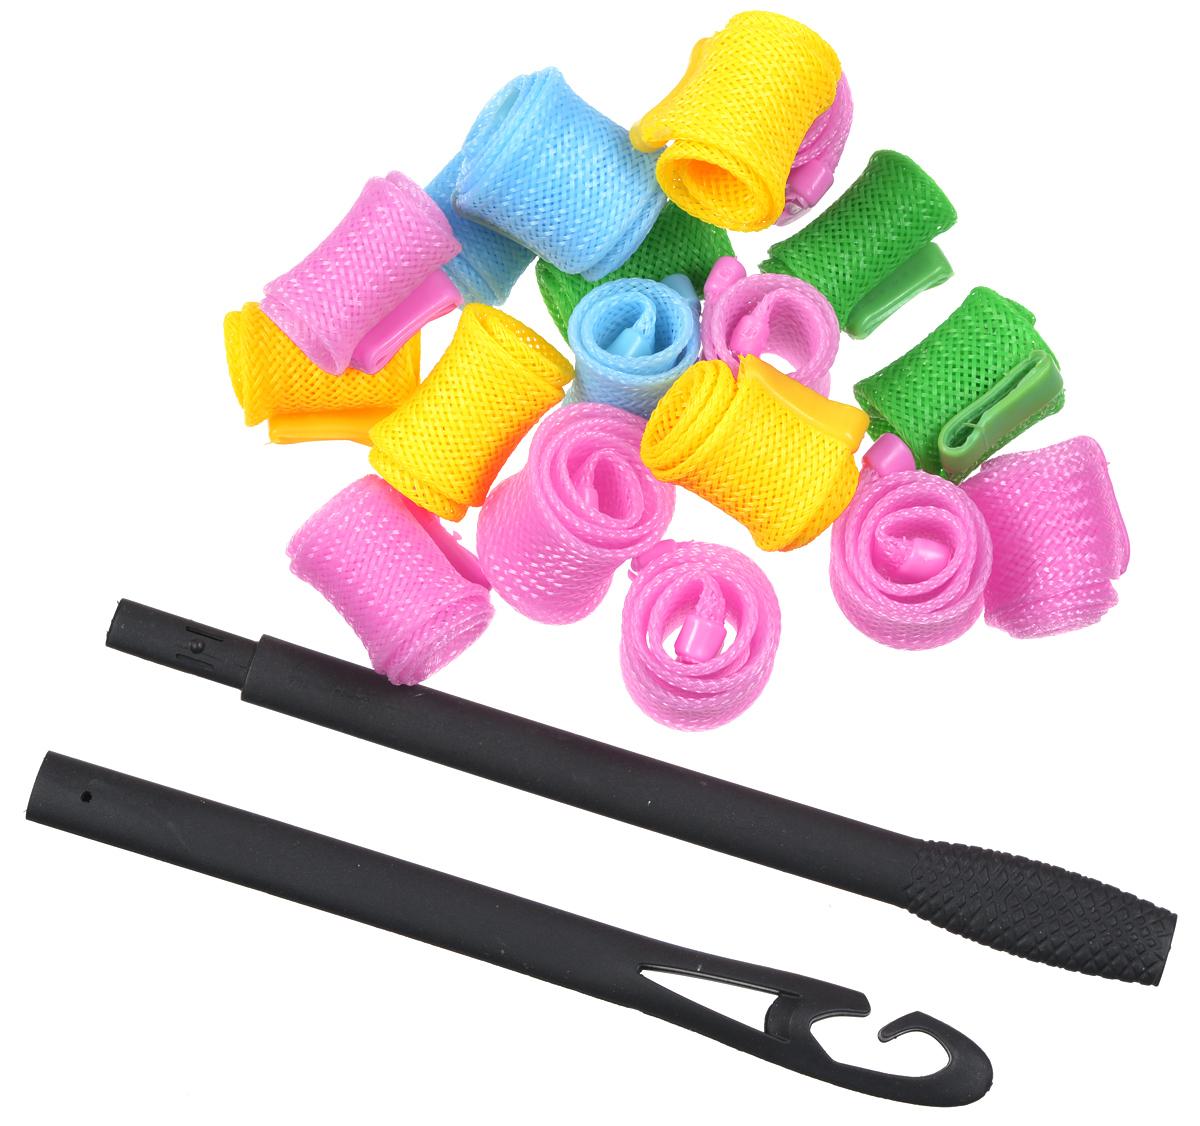 Magic Roller Бигуди круглые, 18 штFS-00897Набор бигуди Magic Roller является простым и легким способом всегда выглядеть безупречно и стильно! Предназначен для создания мелких кудряшек, локонов и волн, а также придания дополнительного объема. Бигуди произведены из мягкого материала, и в них можно спать.Magic Roller выполнены из мягкого пластика с силиконовыми наконечниками, что позволяет им служить долго, подходят для кончиков и на волосы до 25 см, а также на каскадную стрижку.Ваша прическа зависит только от вашей фантазии и настроения!Преимущества волшебных бигуди Magic Roller: Создают большой объем.Удобны и легки в использовании. Справится даже ребенок!Подходят как для коротких, так и для волос до 25 см.Позволяют легко контролировать направление и равномерность укладки без заломов.Обеспечивают бережное отношение к волосам.Смена имиджа за час.Процесс накручивания бигуди Magic Roller никогда не утомит вас.Экономия времени и денег на дорогих салонах.Возможны любые прически: от струящихся локонов, до фиксированных вечерних и свадебных причесок.Волшебные бигуди Magic Roller - это здоровая альтернатива химической завивке.К бигудям прилагается специальный крючок для протягивания пряди внутрь бигуди.Бигуди надеваются на влажные волосы и высушиваются тёплым феном, так что даже самые жесткие и непослушные волосы подчиняются и ложатся красивыми спиральными локонами.Порядок использования:1. Слегка намочить волосы.2. Собрать двойной крючок.3. Слегка намочить волосы. Нанести мусс или гель при необходимости на влажные волосы.4. Пропустить крючок через бигуди насквозь.5. Зацепить небольшую прядь с помощью крючка у основания локона.6. Пропустить прядь с помощью крючка сквозь бигуди.7. Проделать то же самое с остальными бигуди по всему контуру головы.8. Подержать волосы 5-10 минут.9. Высушить волосы феном или с помощью термо шапки.10. Придерживая одной рукой локон у основания, другой снять бигуди.Причёска готова.Если волосы жёсткие и непослушные рекомендуется поносить бигуди подольш